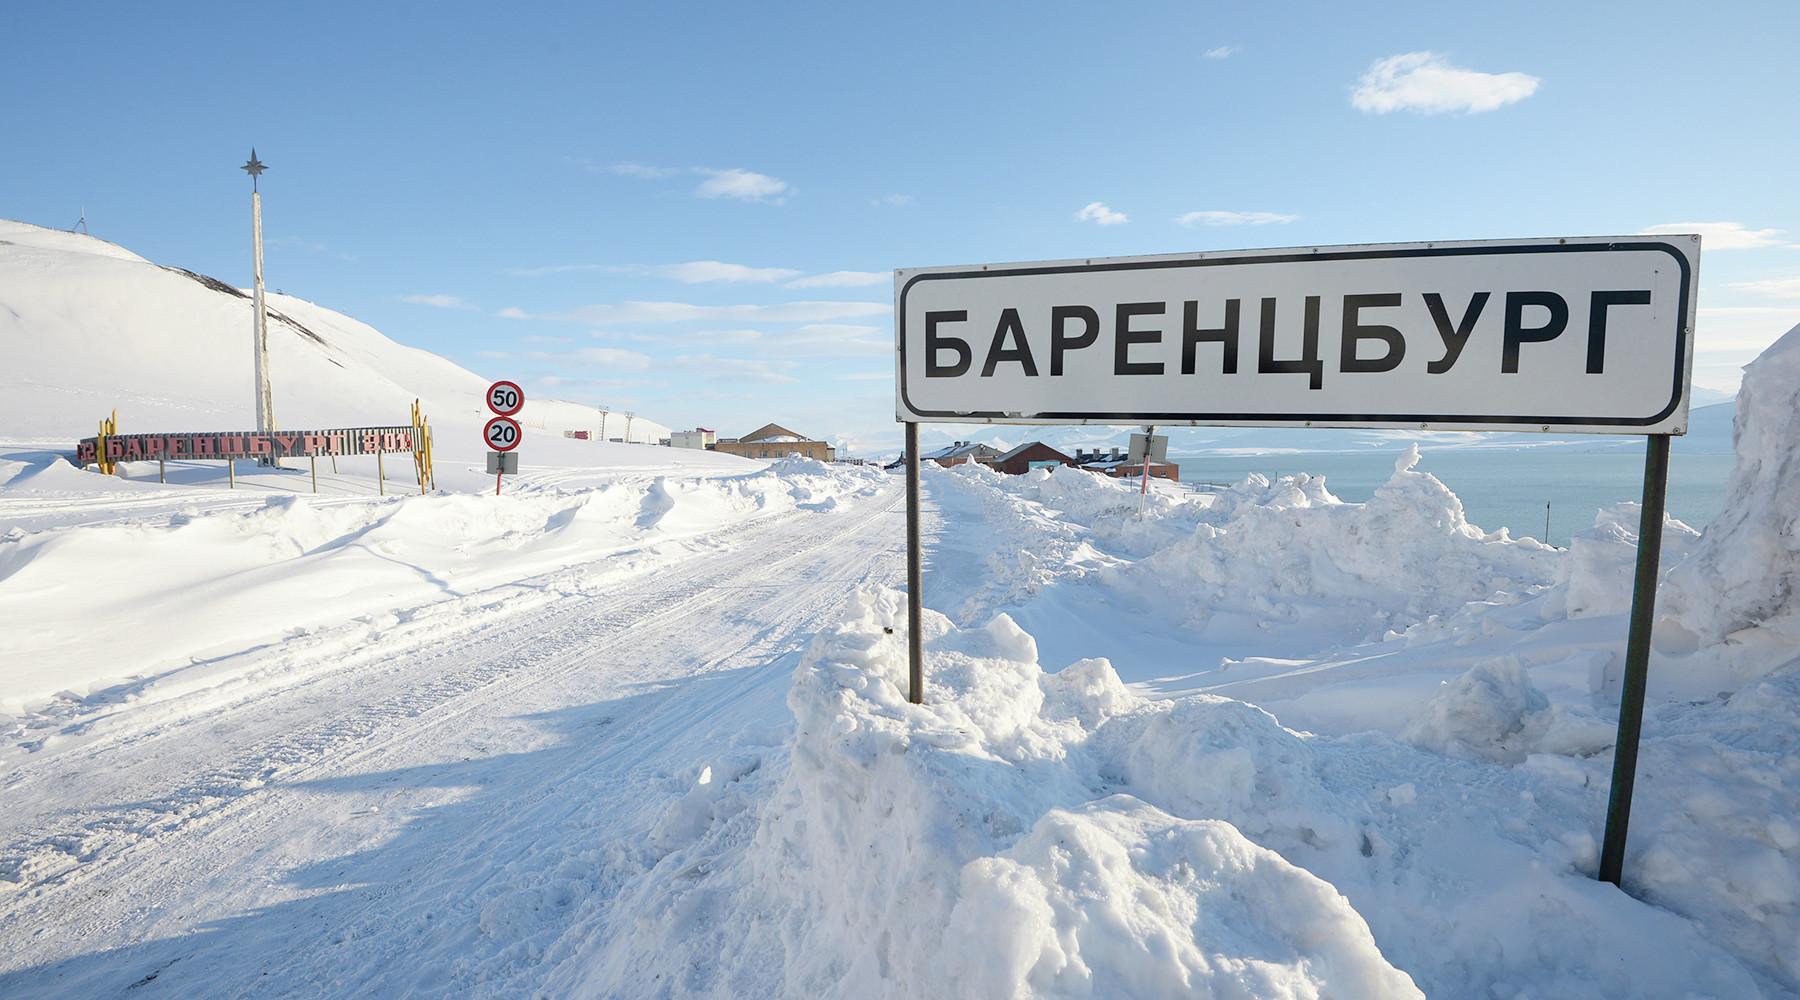 У берегов Норвегии ищут пропавший вертолёт Ми-8 с россиянами на борту